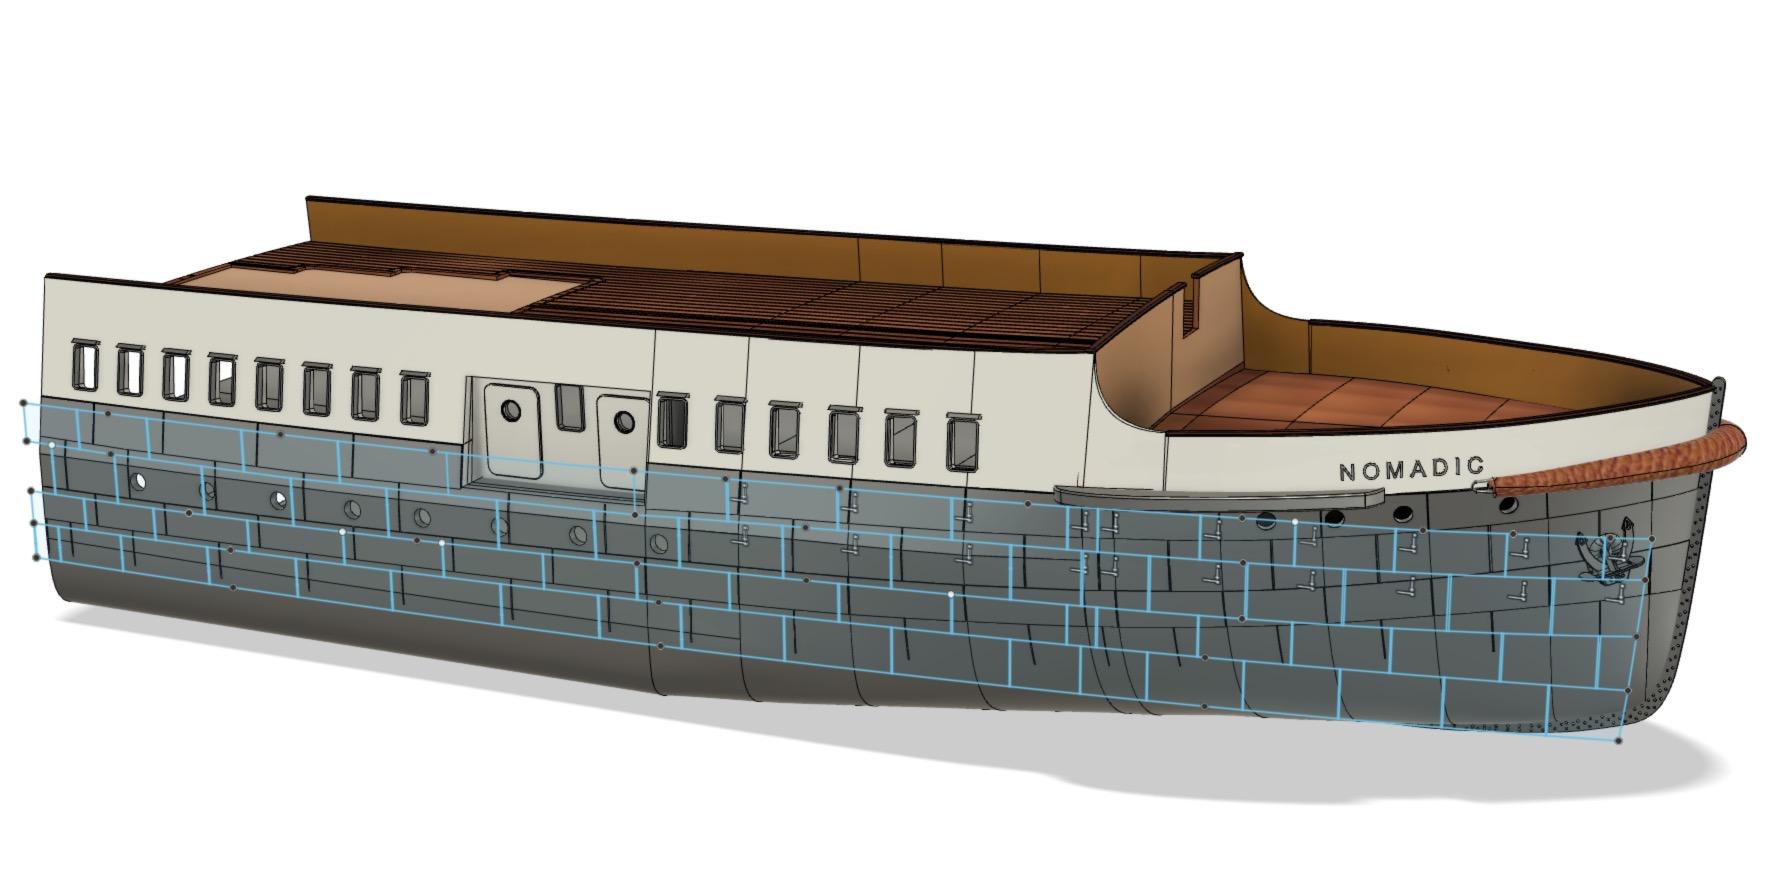 SS Nomadic - Le petit frère du Titanic - 1/200 - 3D [Conception] Screen37